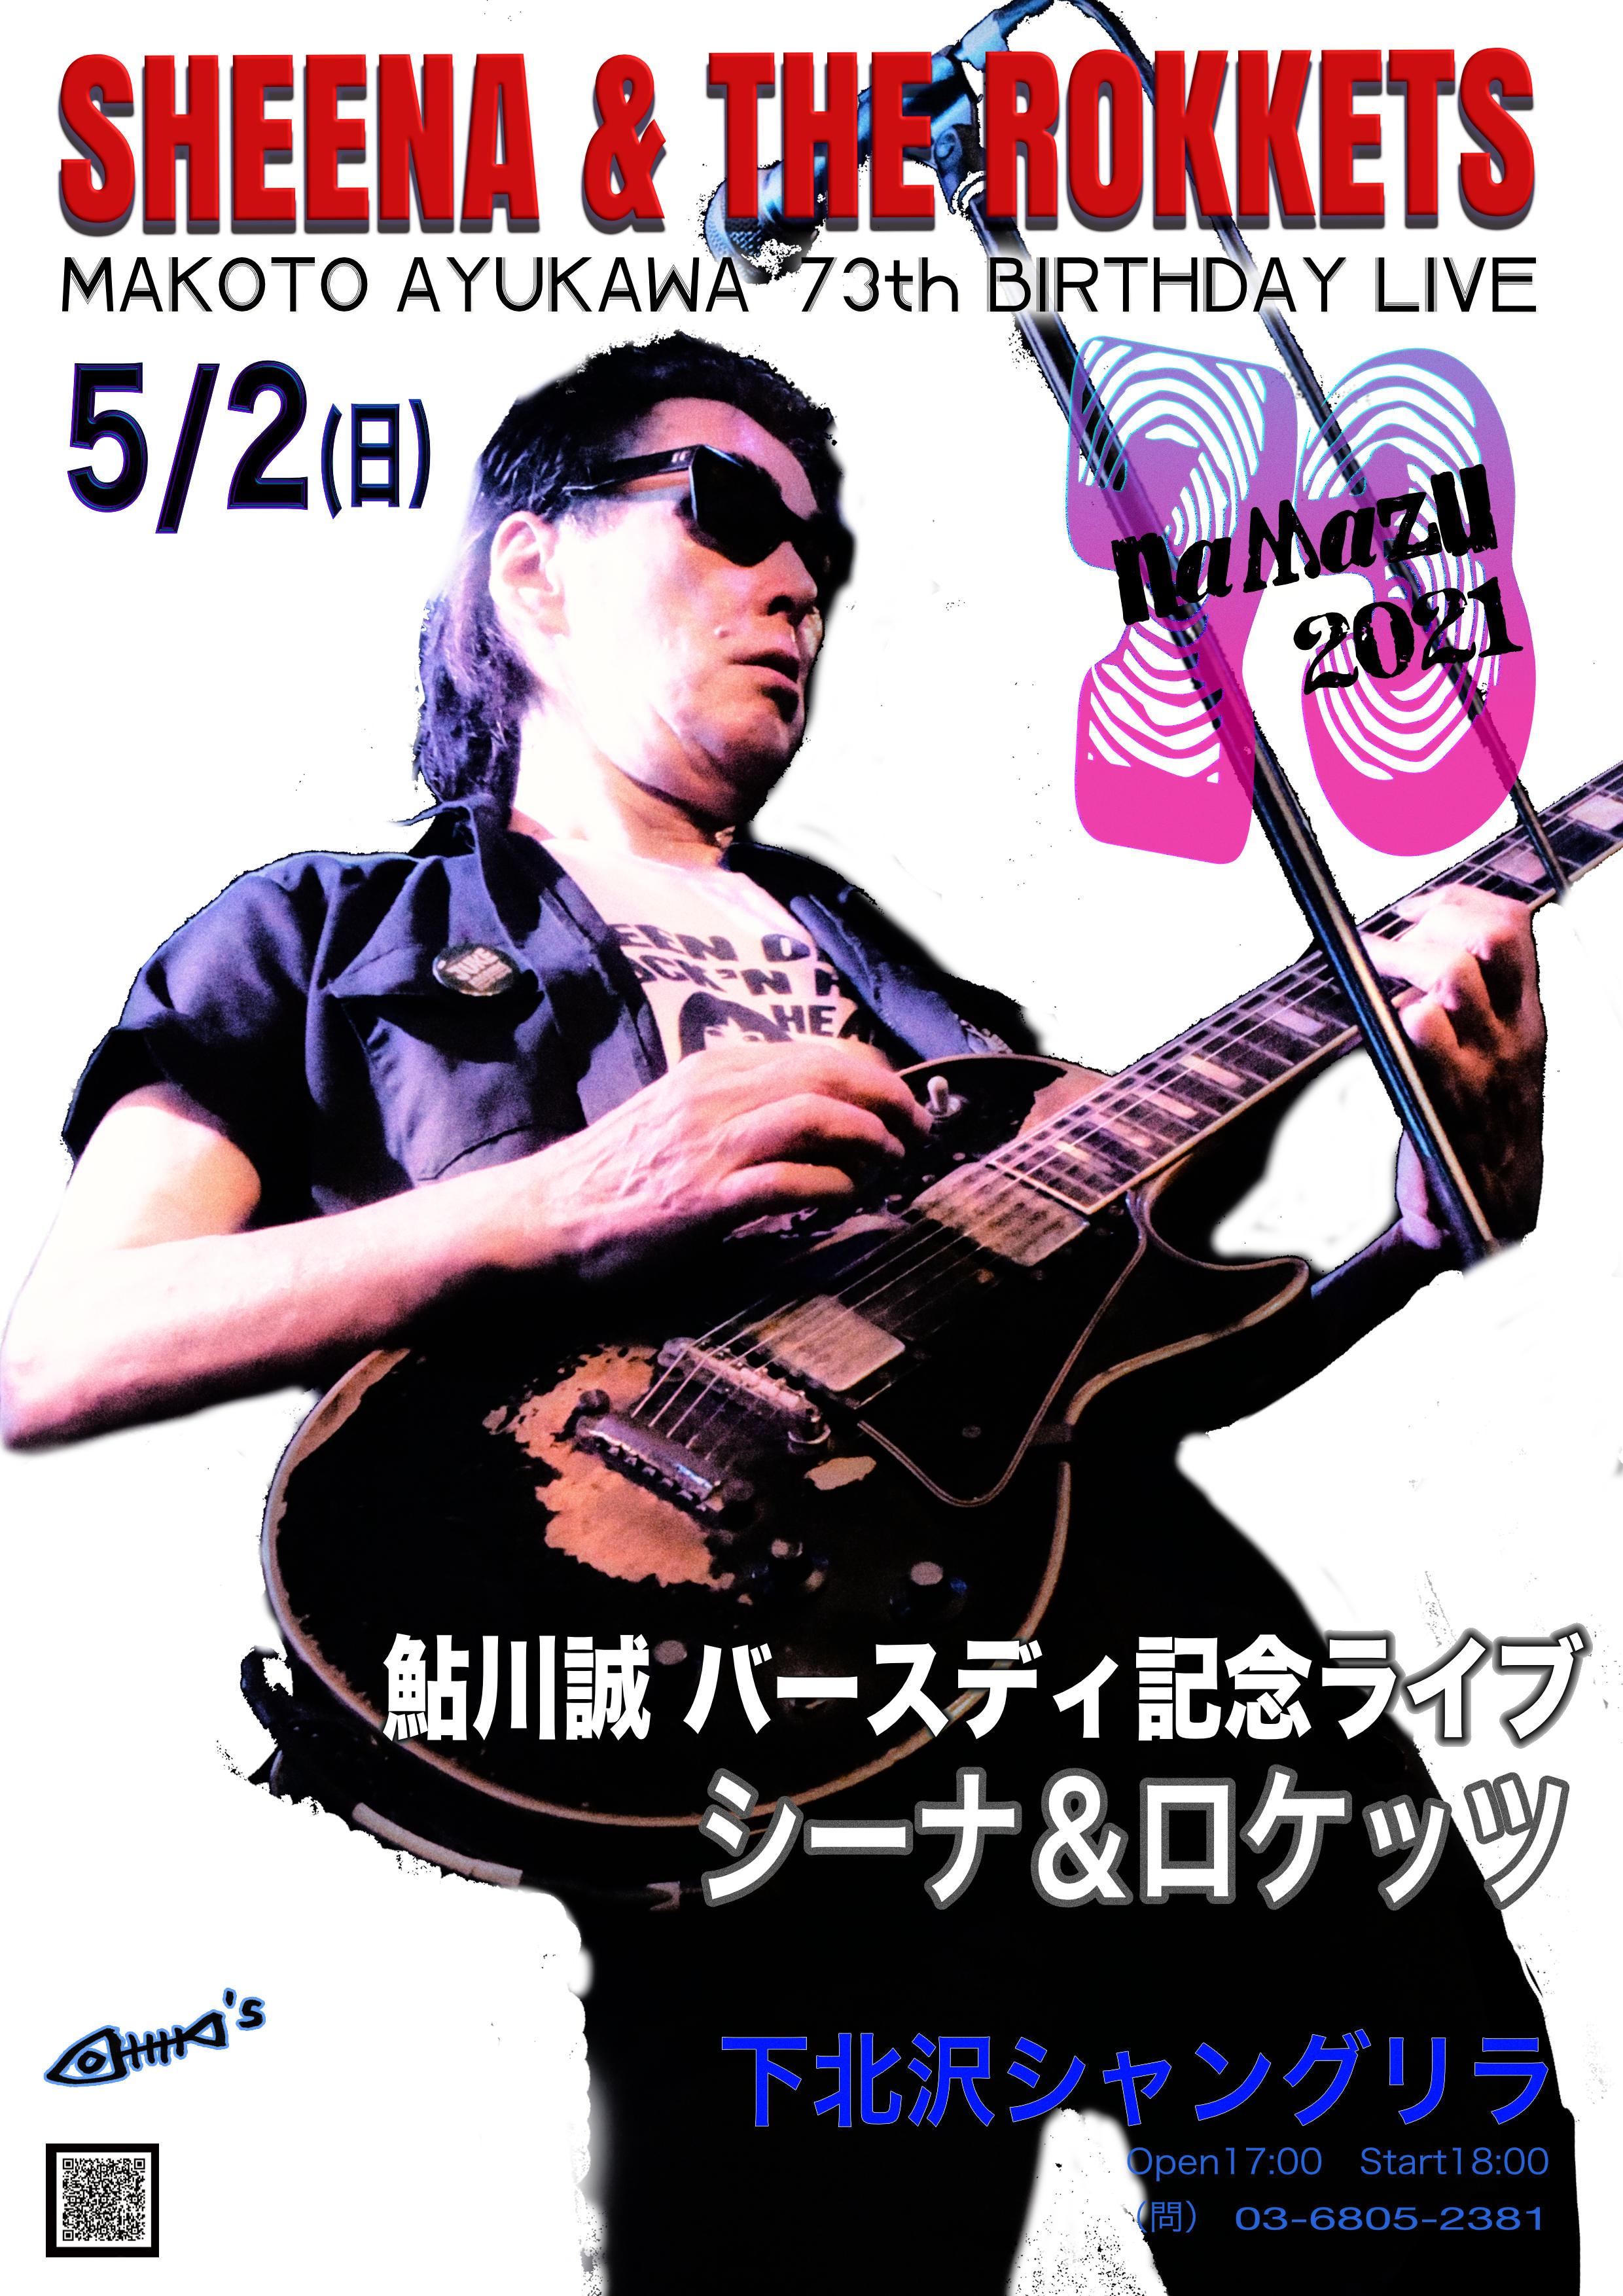 シーナ&ロケッツ 鮎川誠 73thバースディライブ 2021